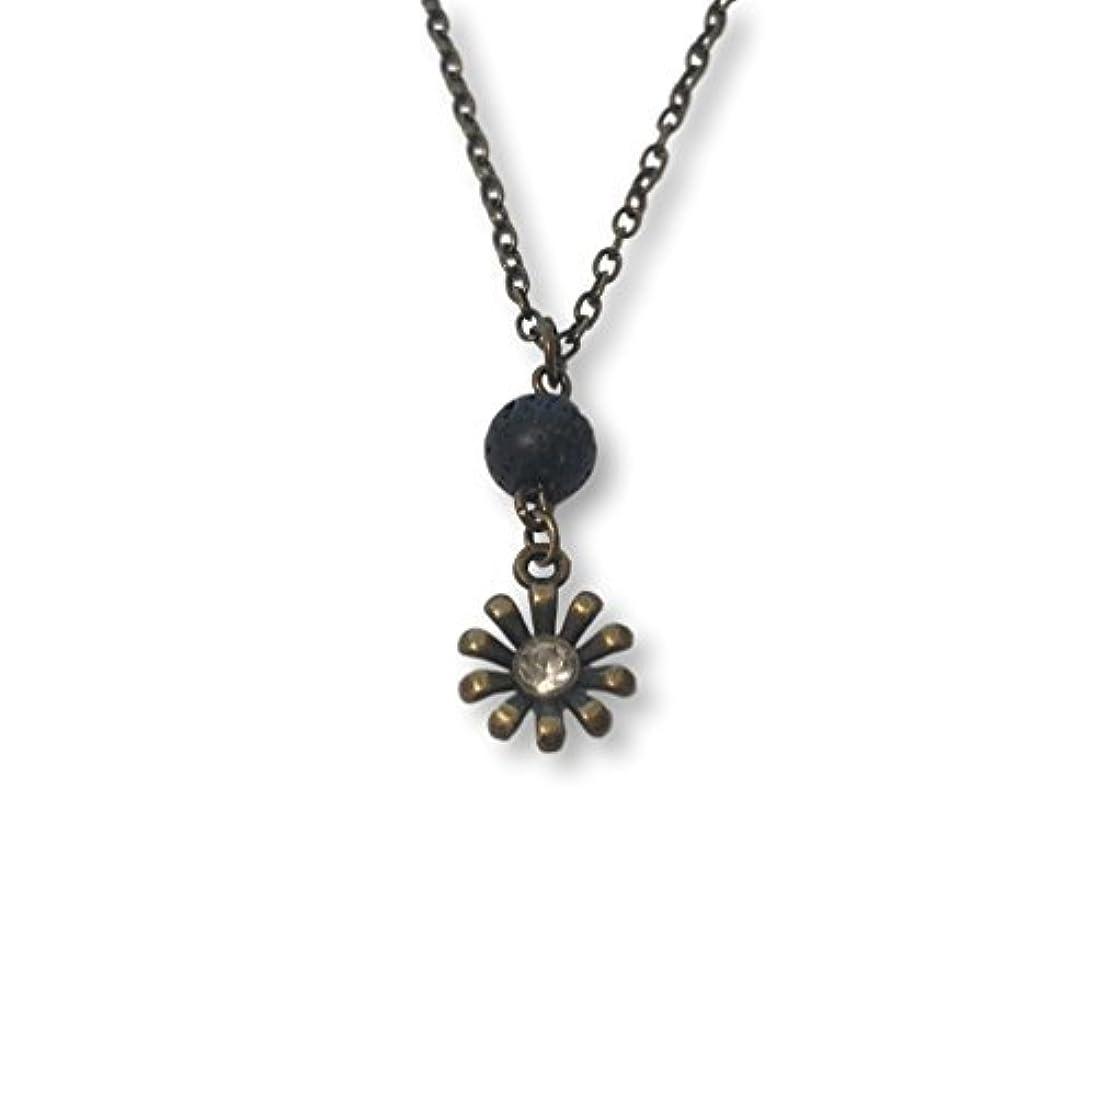 放送田舎甘やかすLava Stone Bead and Bronze-tone Rhinestone Flower Aromatherapy Necklace Essential Oil Diffuser Pendant Jewelry...